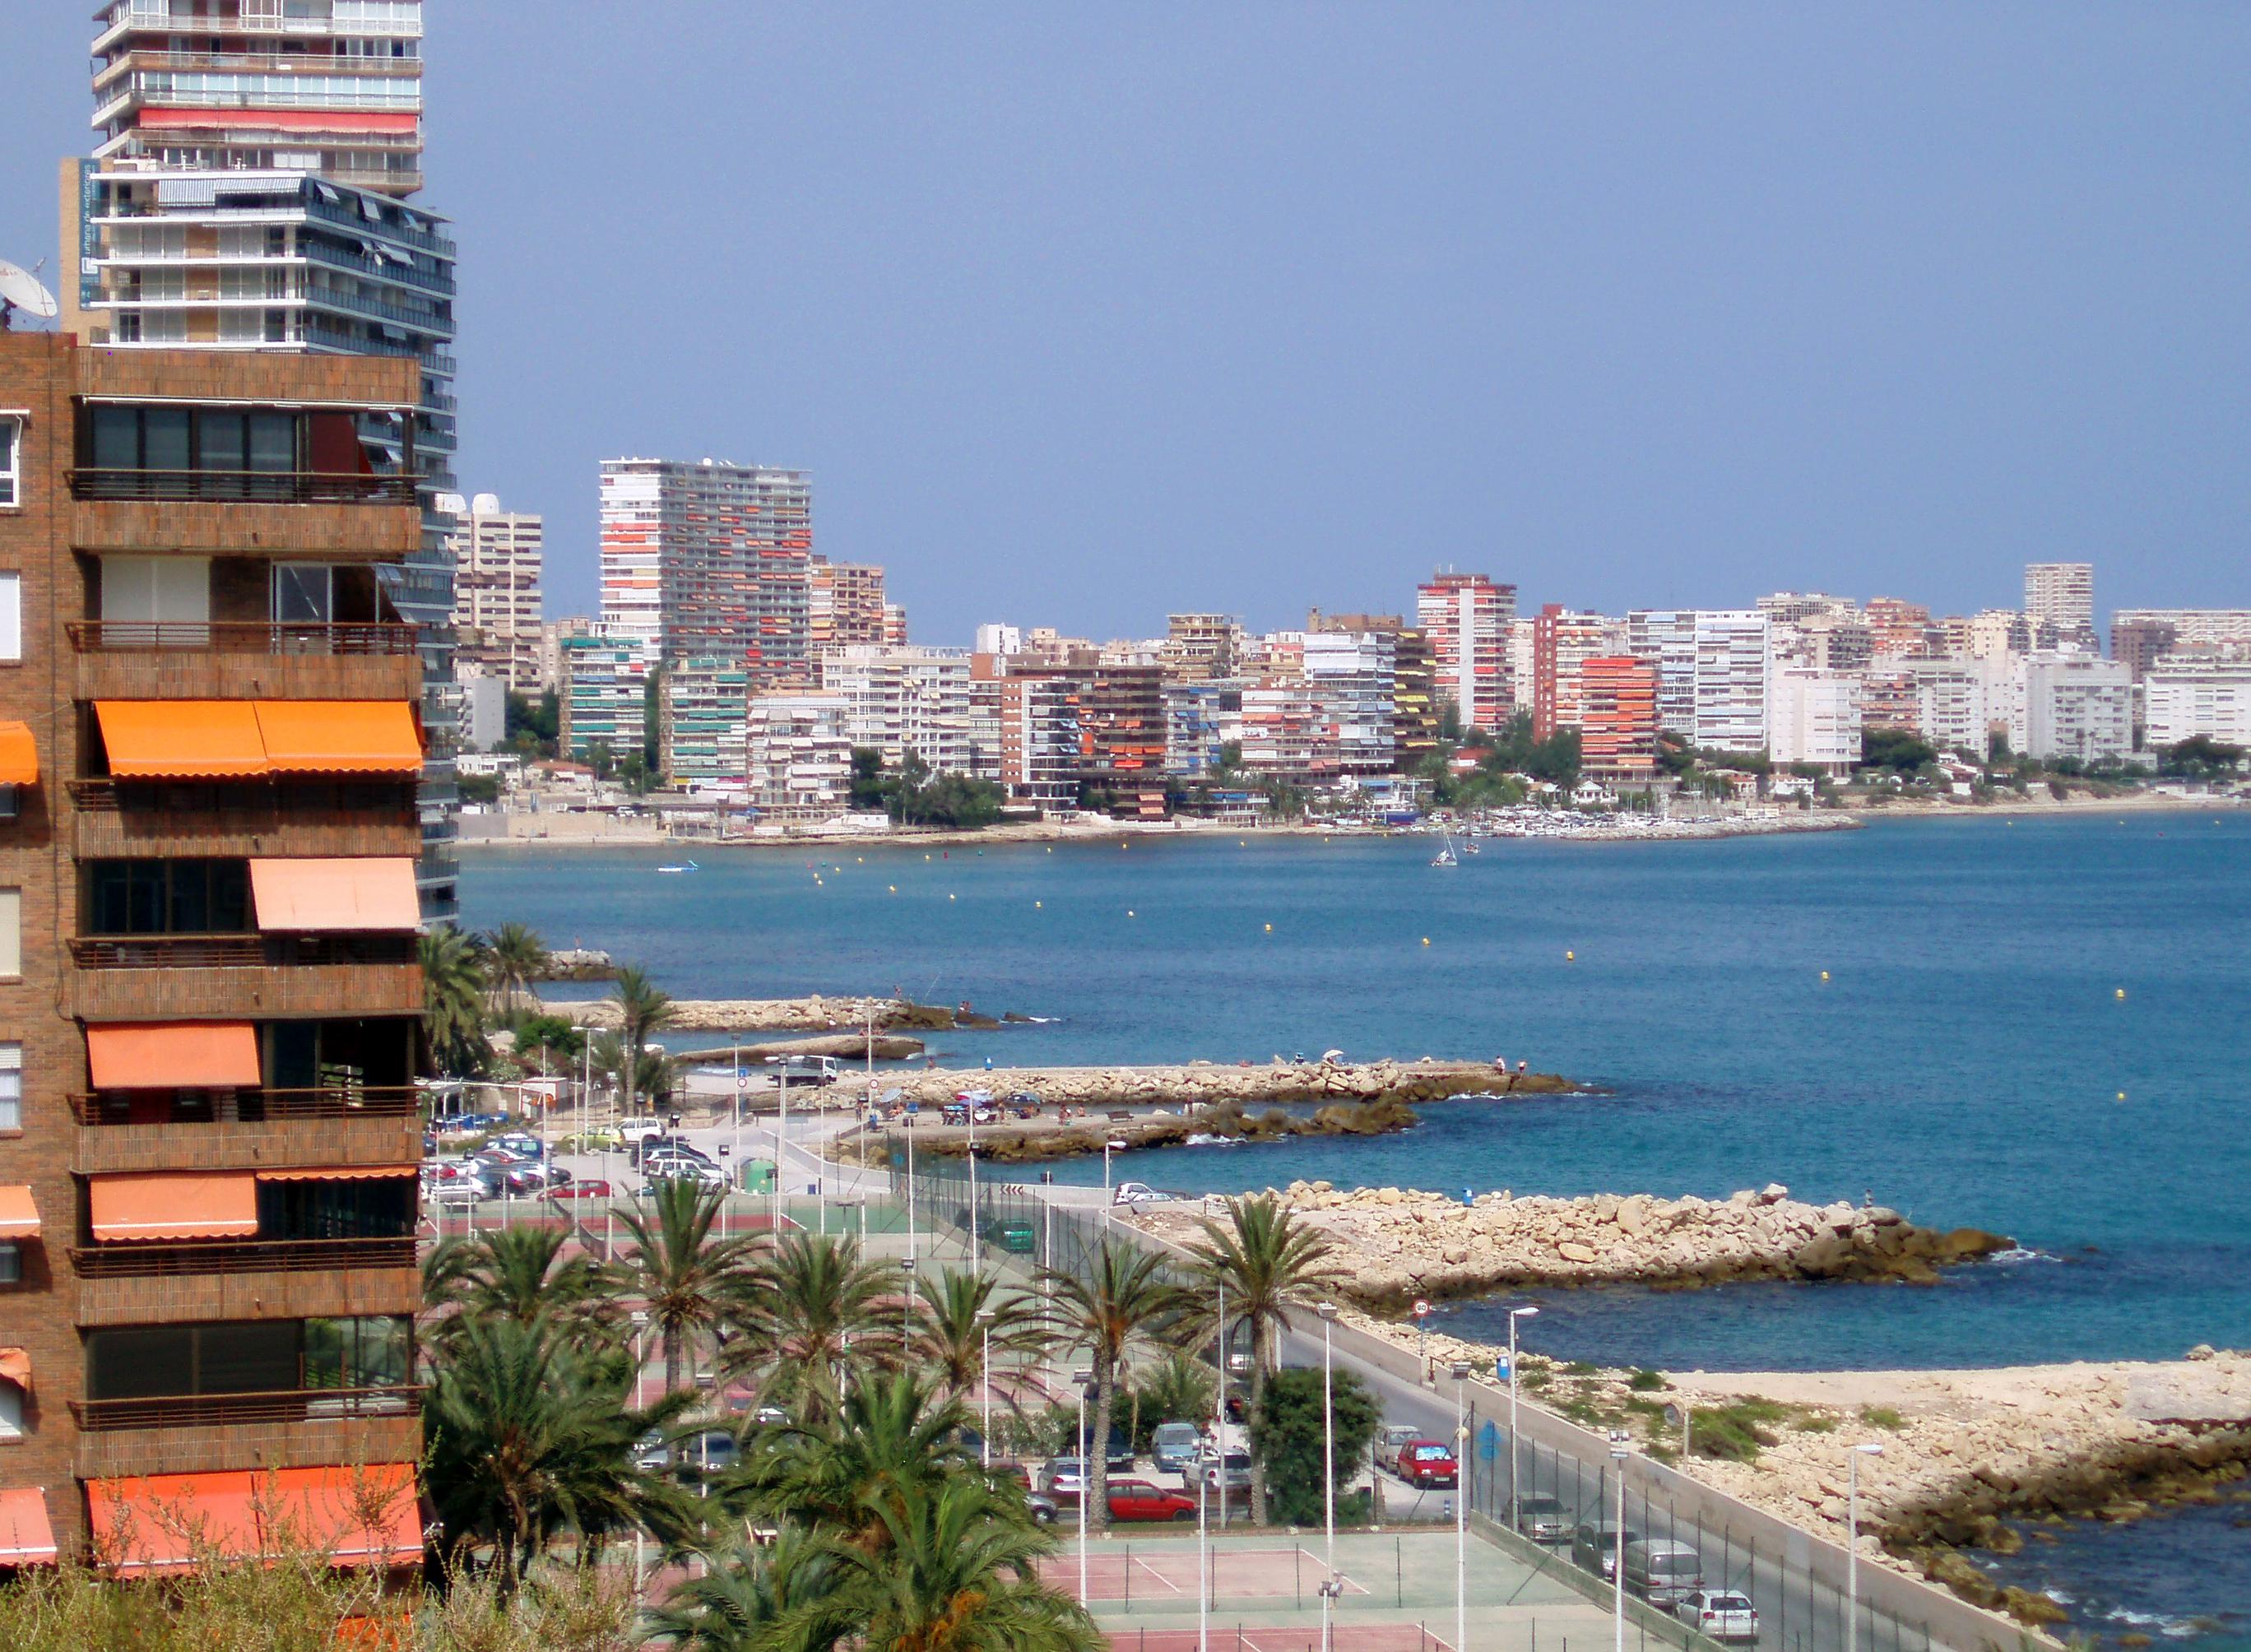 Foto playa Cala dels Jueus / Cala de los judíos. Playa de La Albufereta (Alicante)